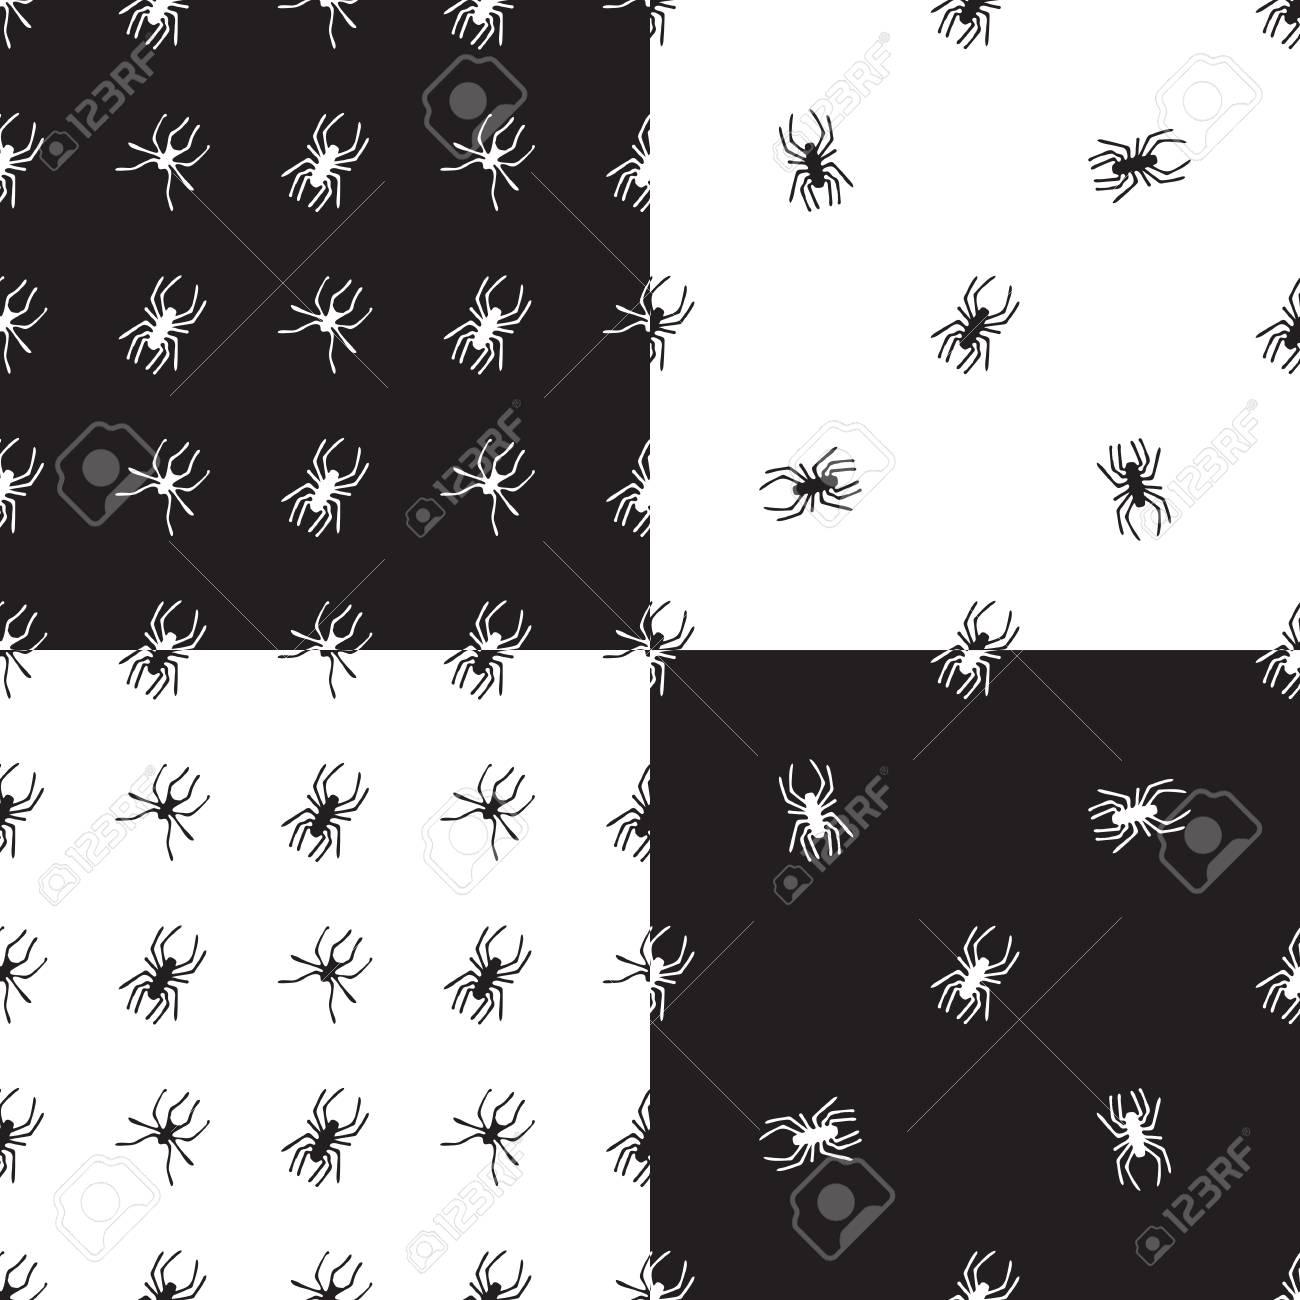 Patrones Sin Fisuras Con Arañas. Vector único Dibujado A Mano ...